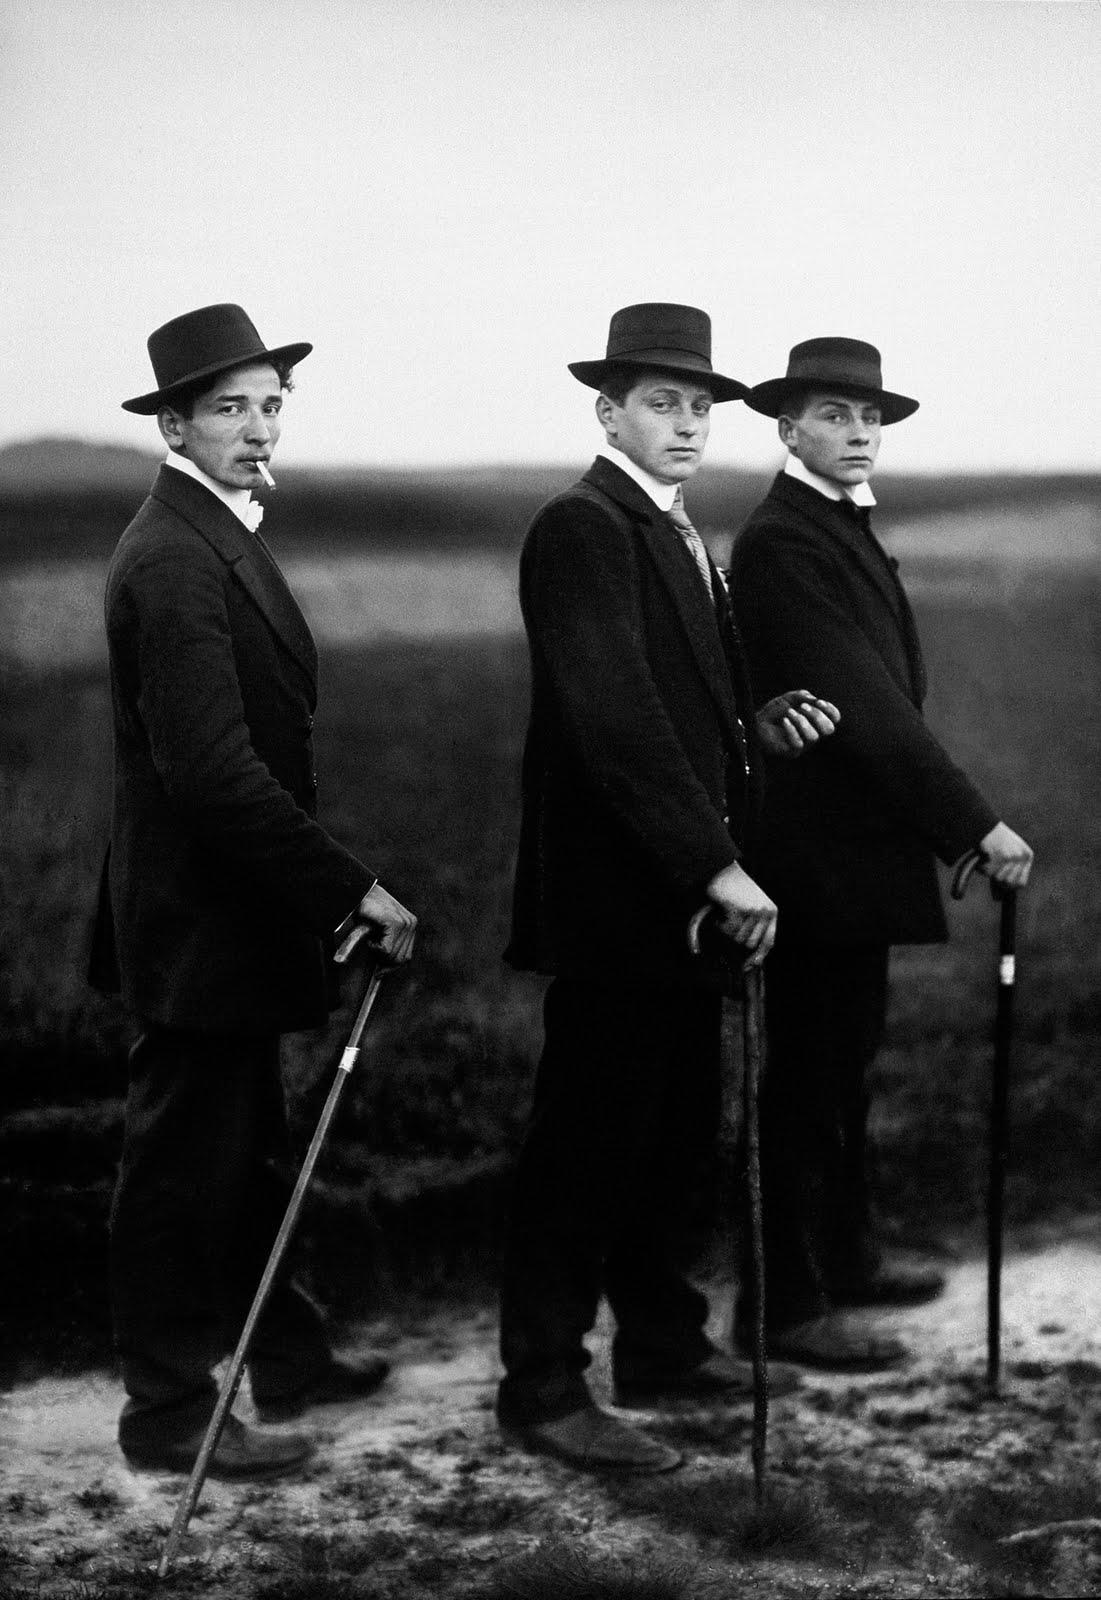 Август Зандер. Крестьяне идут на танцы, Вестервальд, 1914